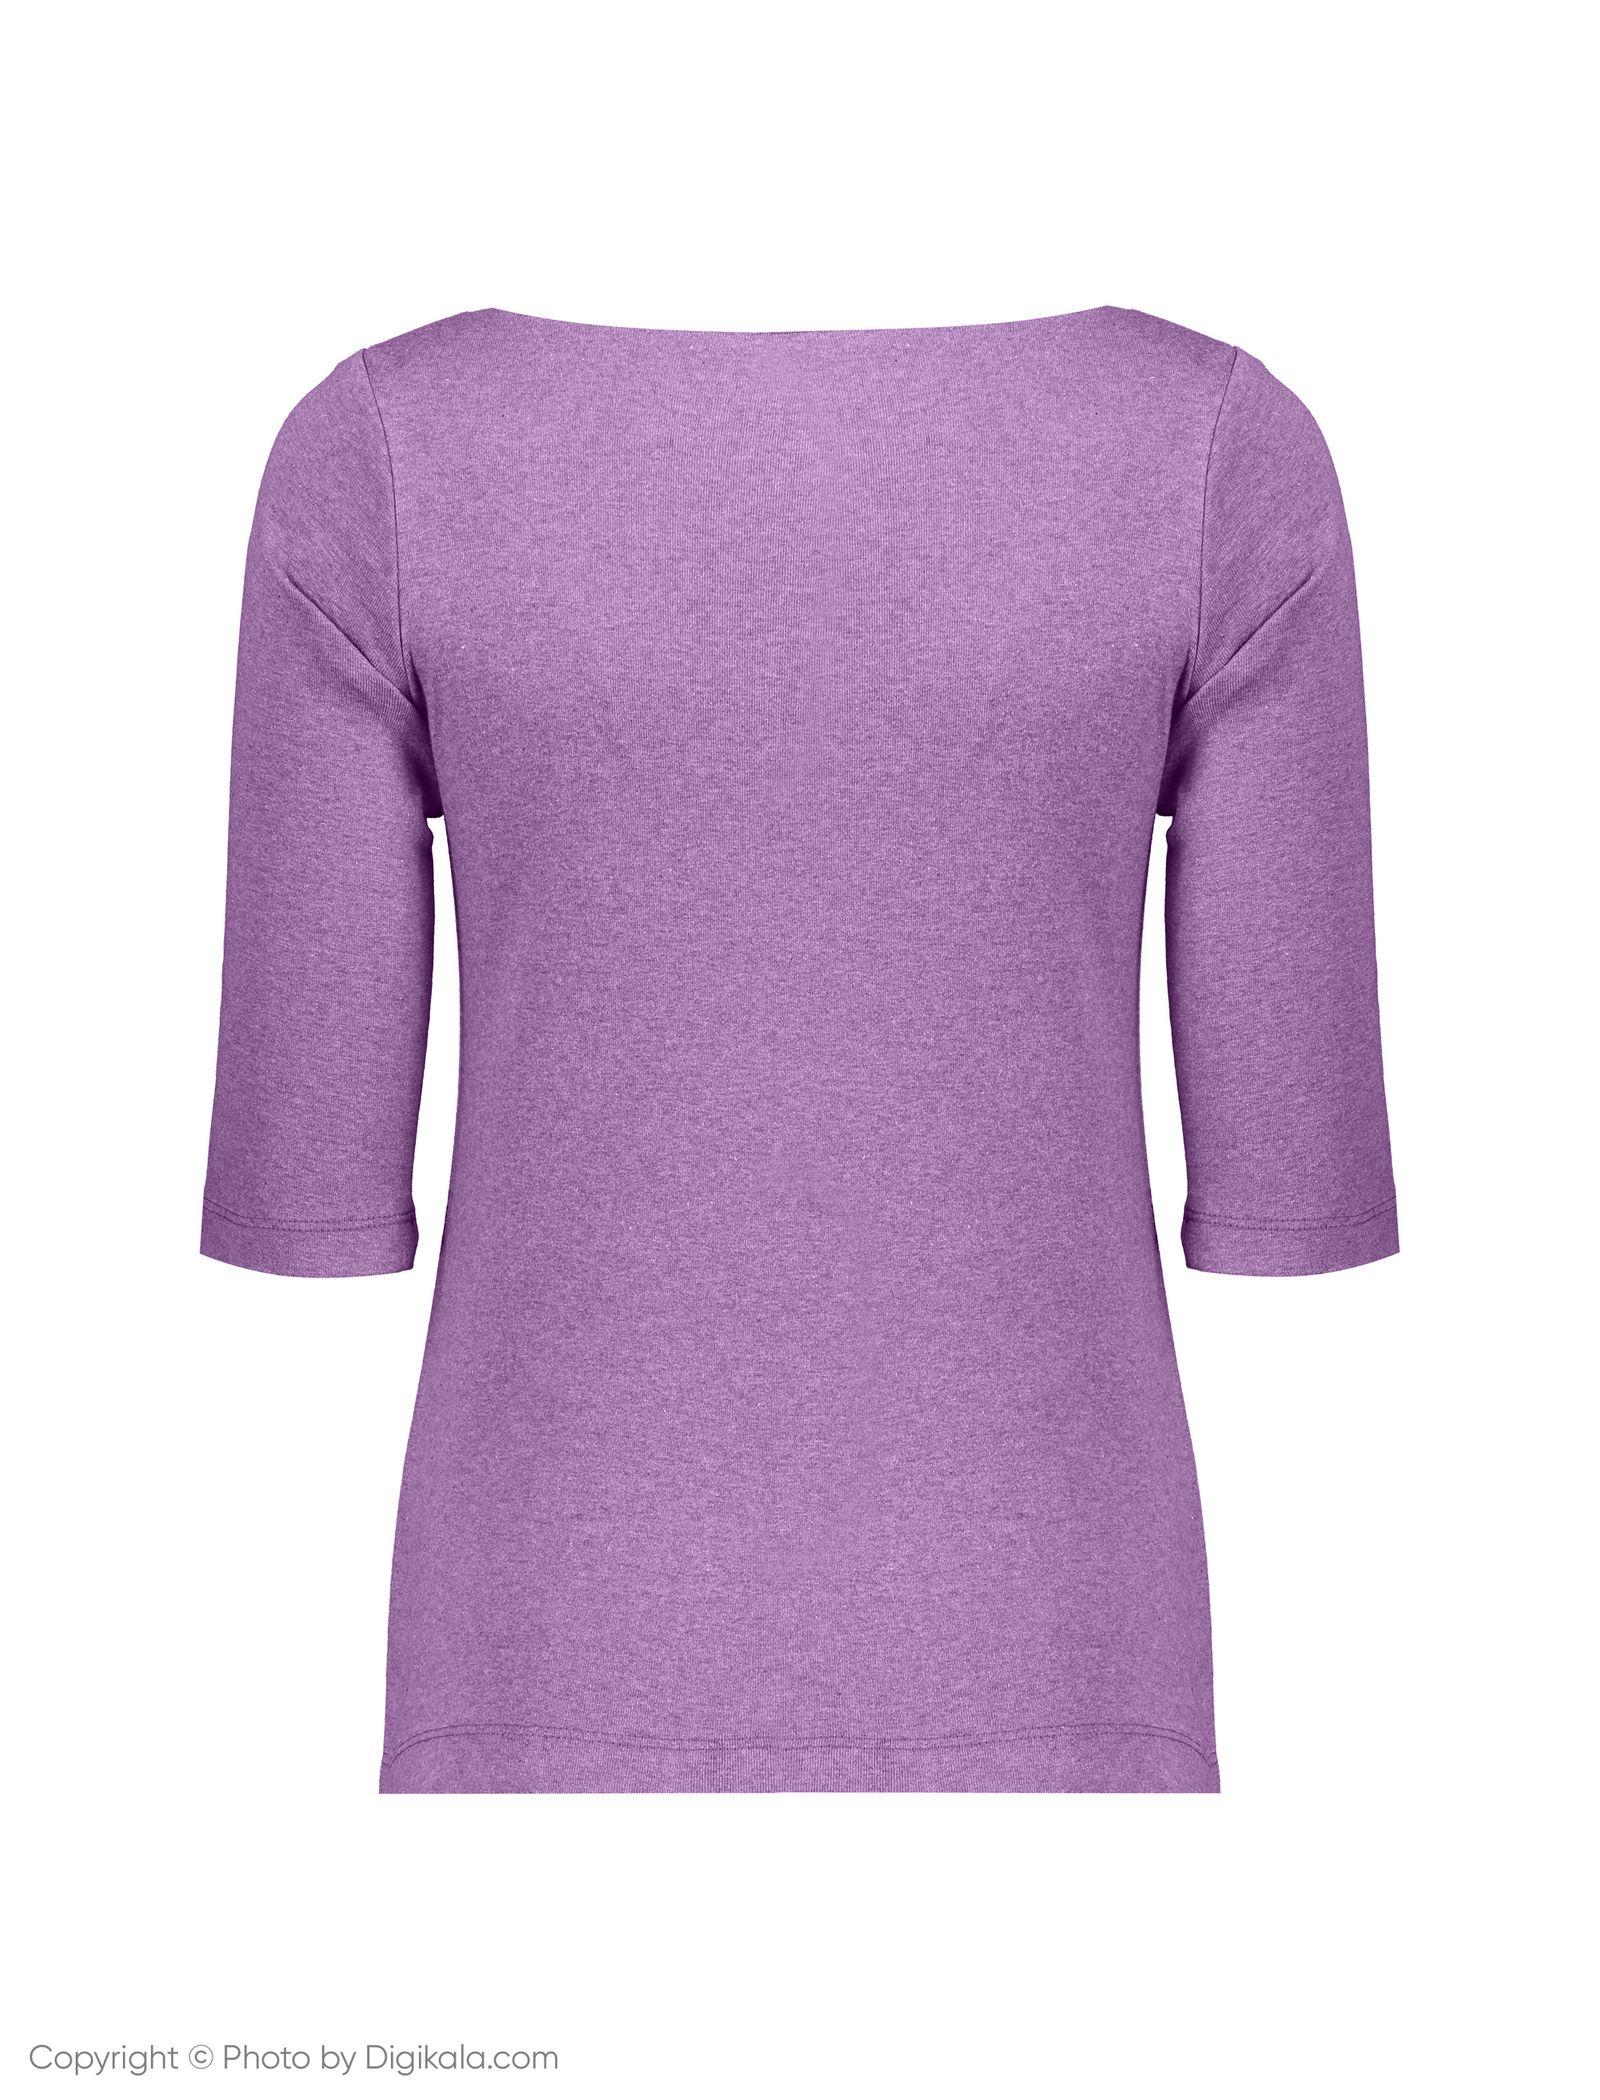 تی شرت زنانه گارودی مدل 1003113012-75 -  - 3